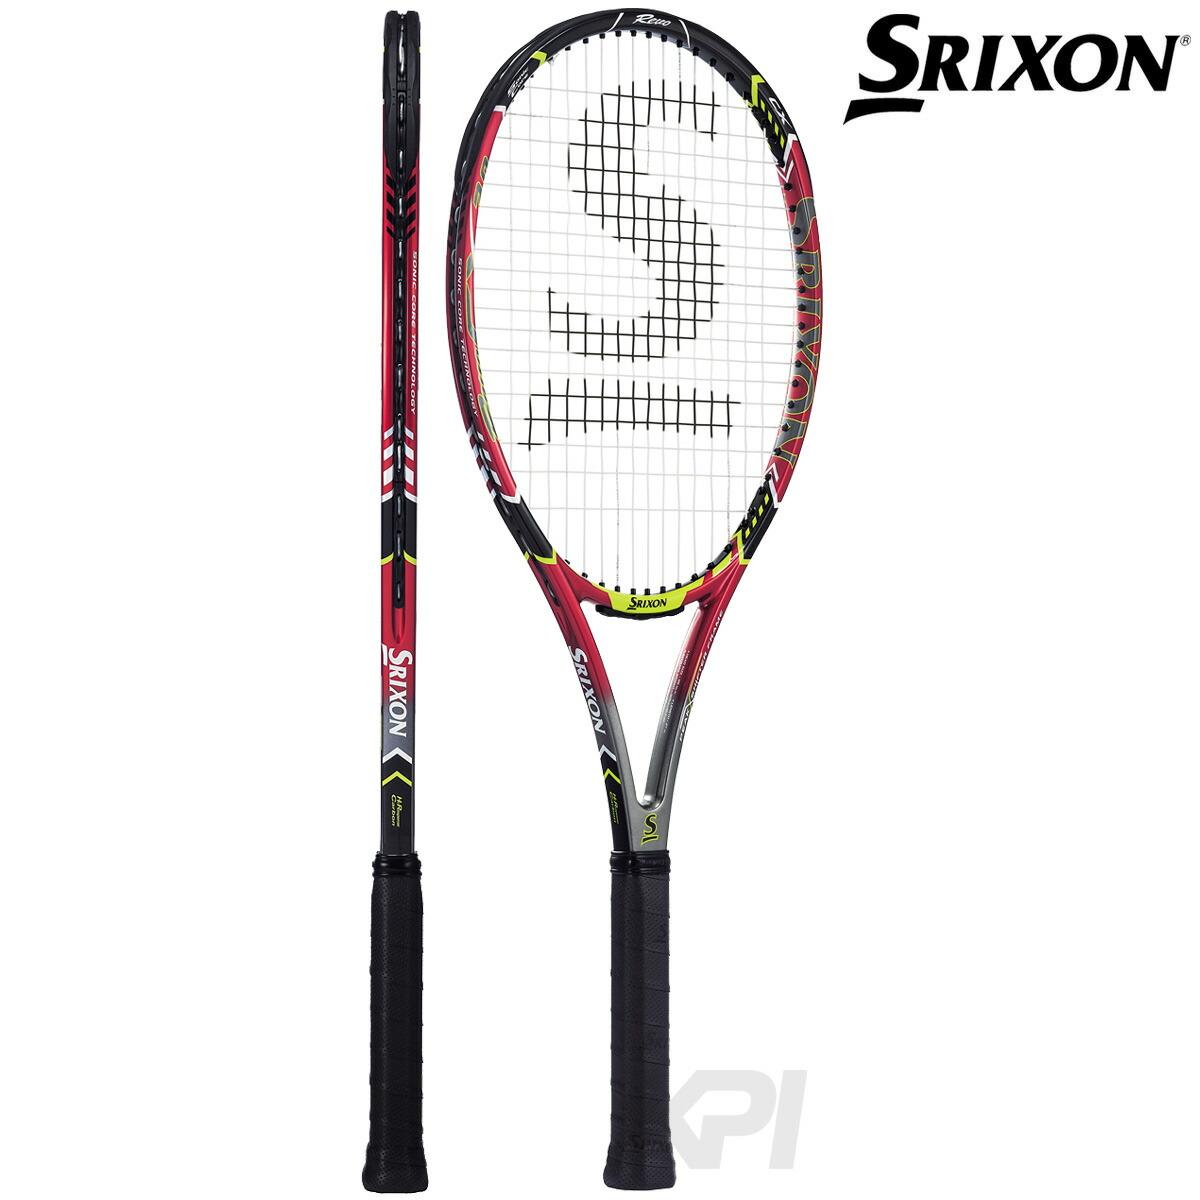 あす楽対応」SRIXON(スリクソン)「SRIXON REVO CX 2.0(スリクソン レヴォ CX 2.0)フレームのみ SR21703」硬式テニスラケット 『即日出荷』